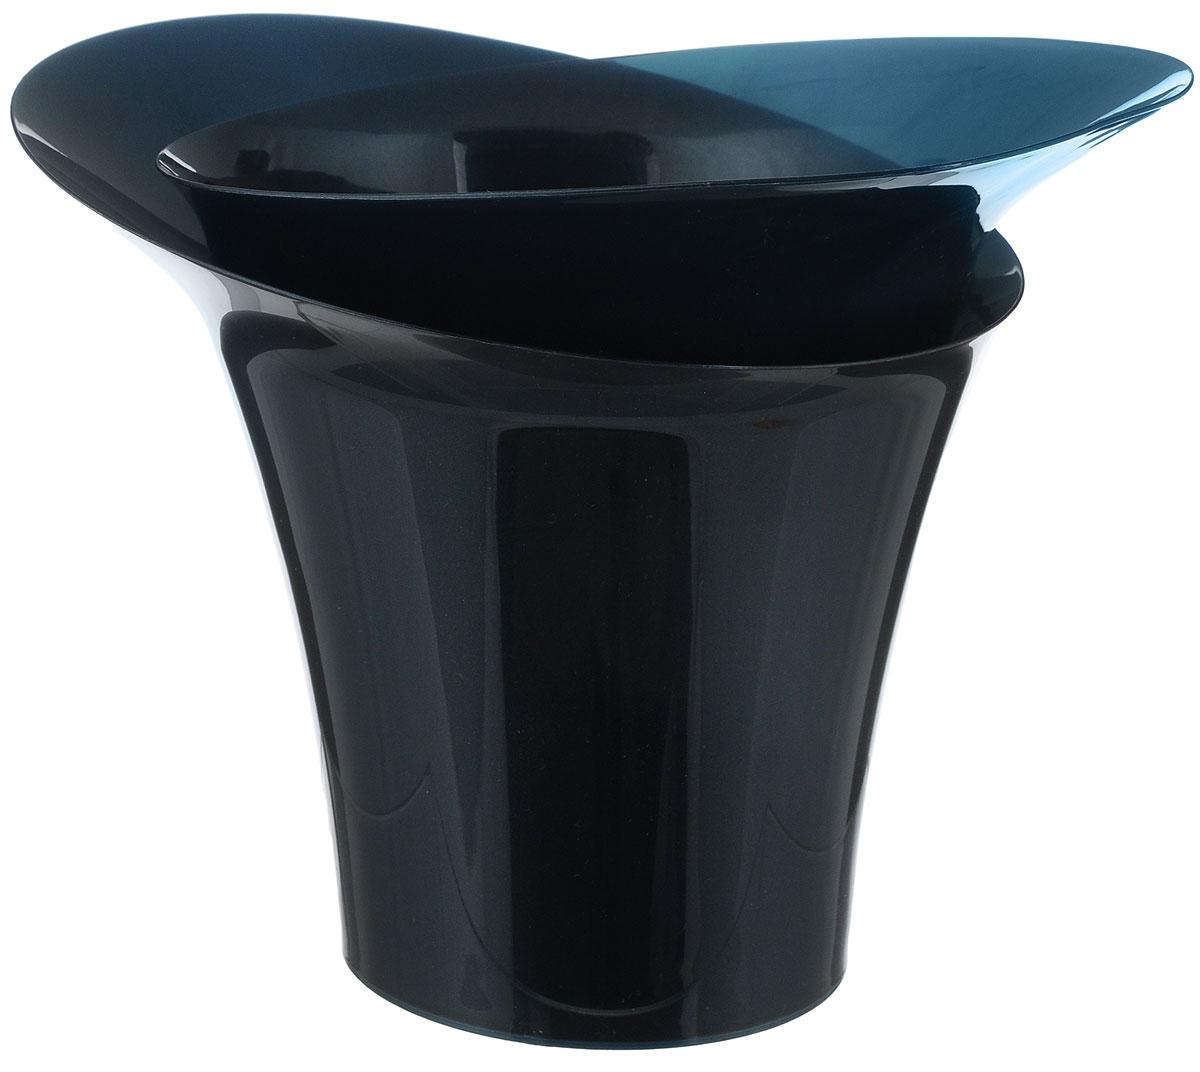 Горшок для цветов Техоснастка Модерн, цвет: темно-синий, 2,5 л531-102Горшок для цветов Техоснастка Модерн состоит из двух частей, которые изготовлены из пищевого полипропилена высочайшей очистки. Внутренняя часть горшка имеет дренажные и вентиляционные отверстия. Поворачивая части горшка относительно друг друга можно менять внешний вид конструкции.Горшок для цветов Техоснастка Модерн - это оригинальный ассиметричный горшок, который позволяет осуществлять полив растения путем погружения, не используя дополнительные емкости.Летящие формы горшка Техоснастка Модерн внесут современную ноту в ваш интерьер.Размер внутренней части горшка: 26 х 23 х 23 см.Размер внешней части горшка: 26 х 23 х 21 см.